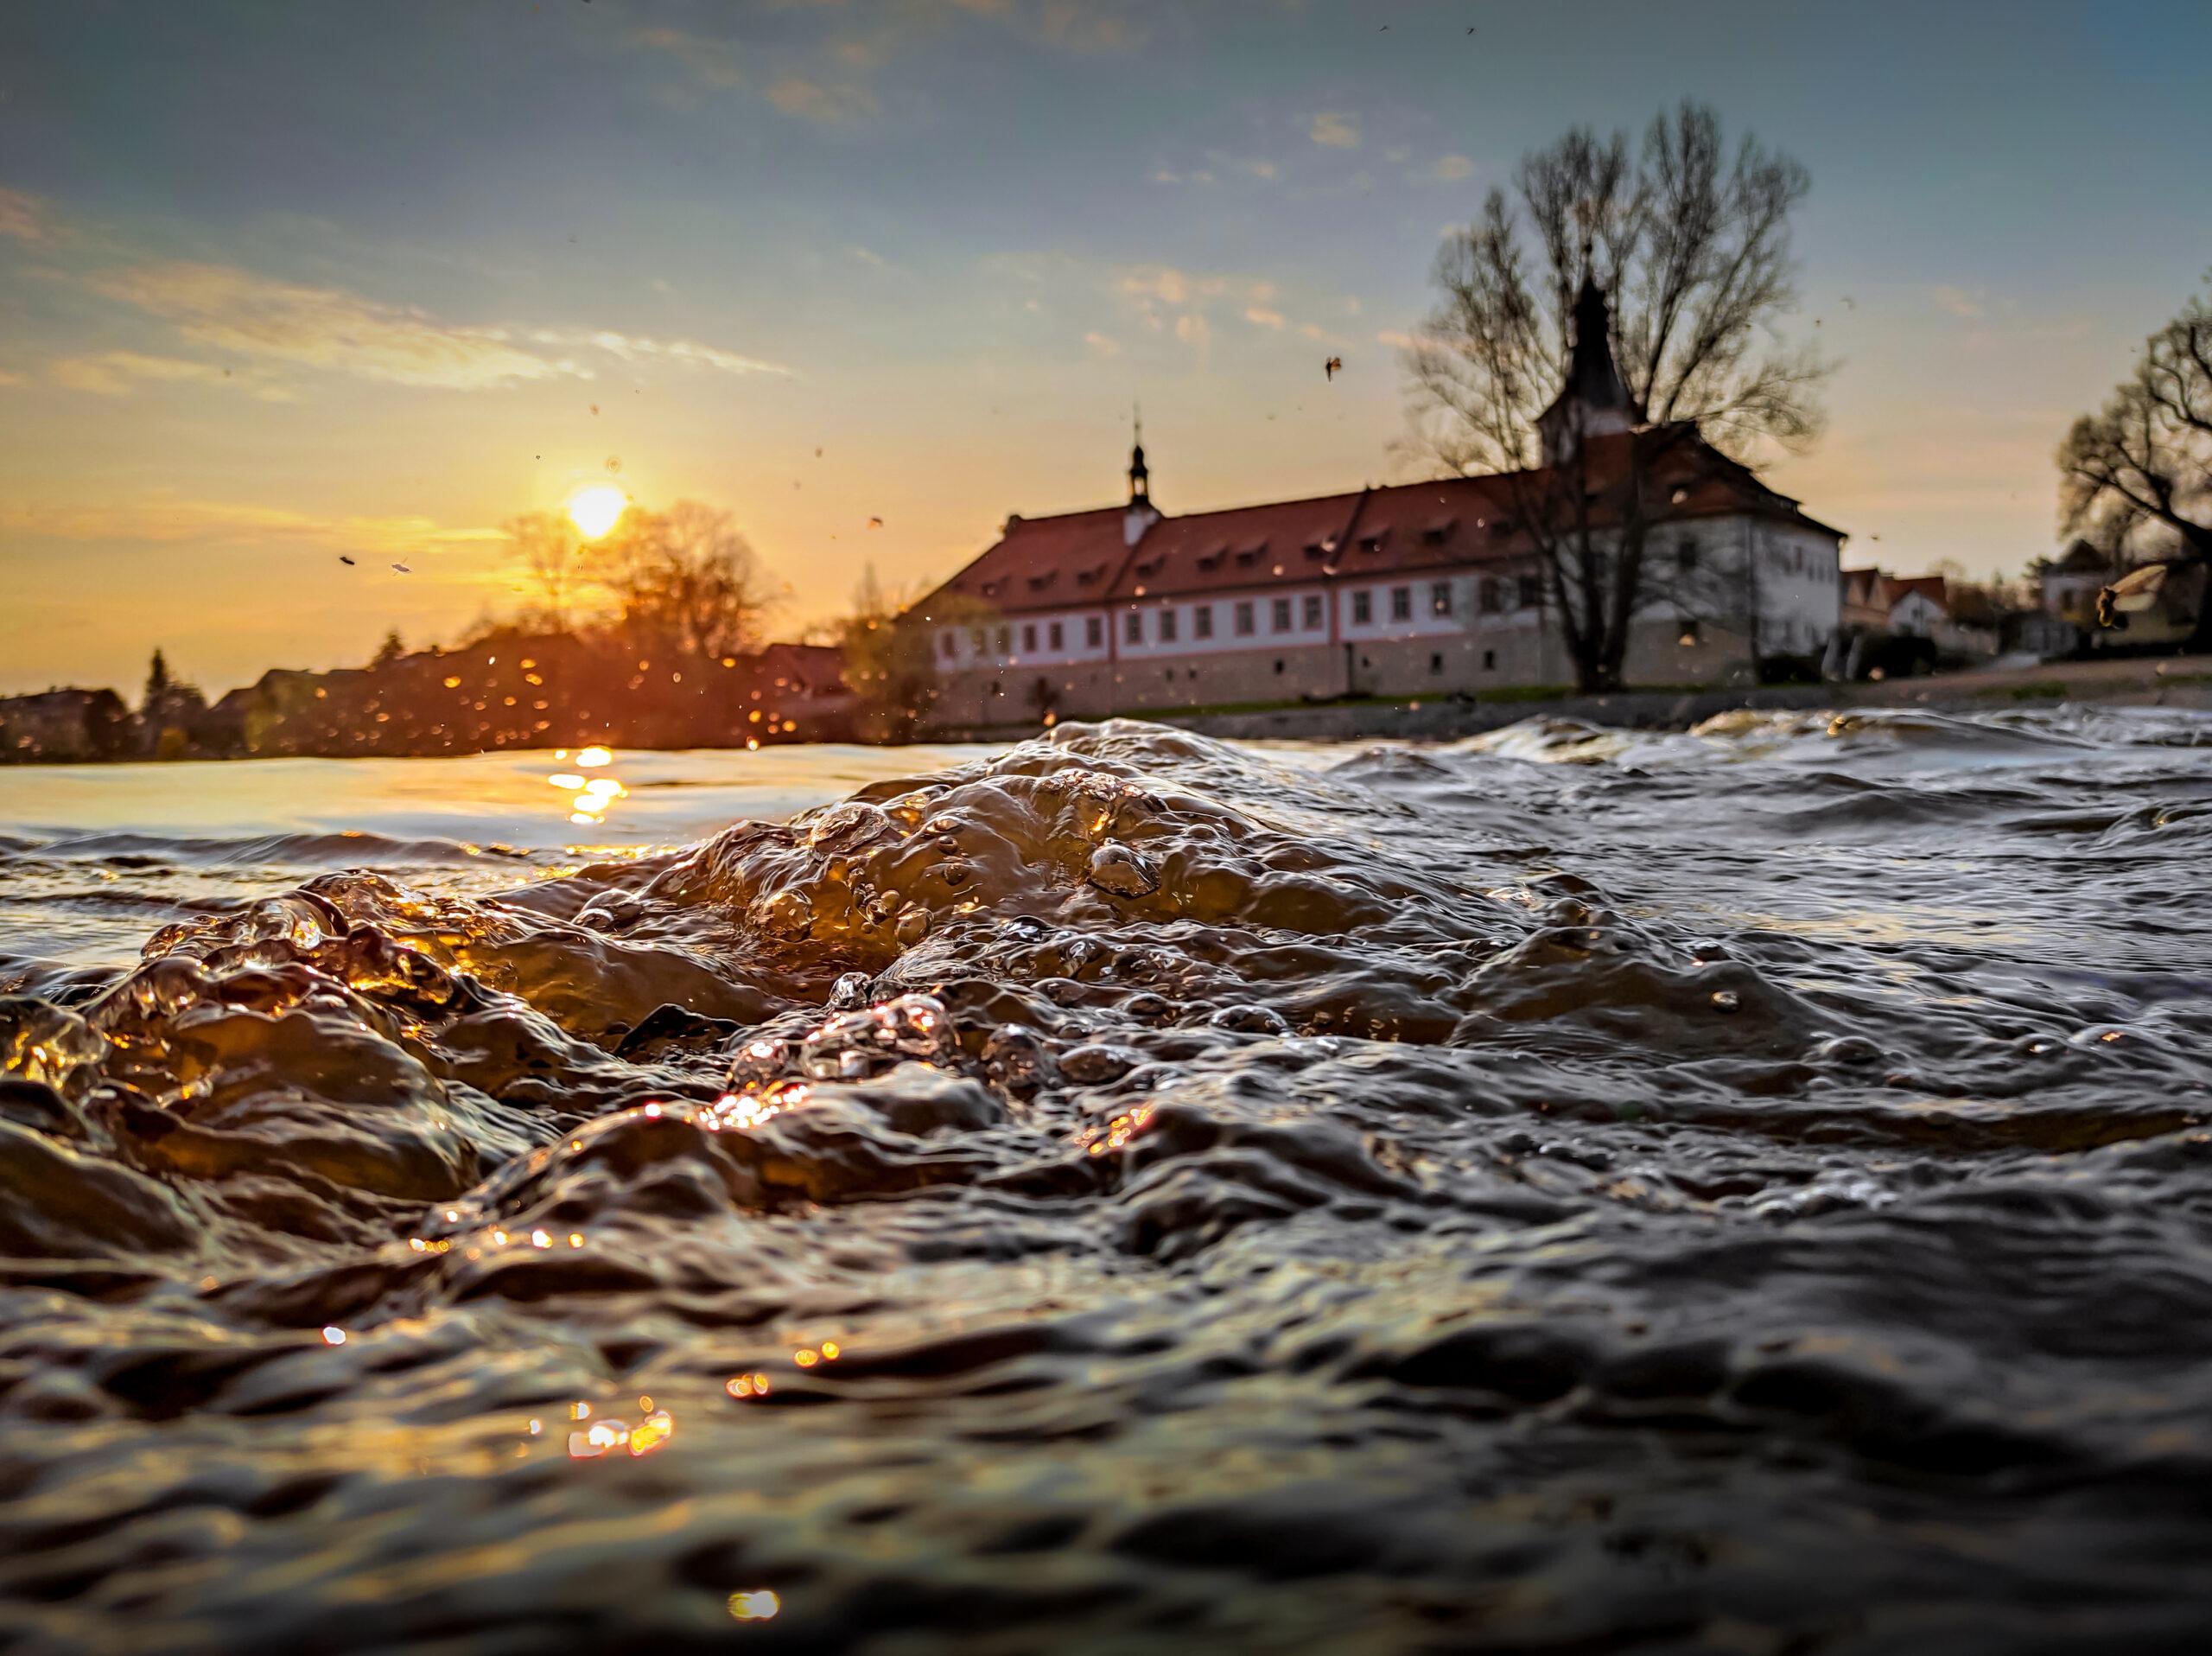 Mušky laškující nad žhavou večerní řekou   foto: Daniel David   2. místo kategorie 3 (nad 18 let)